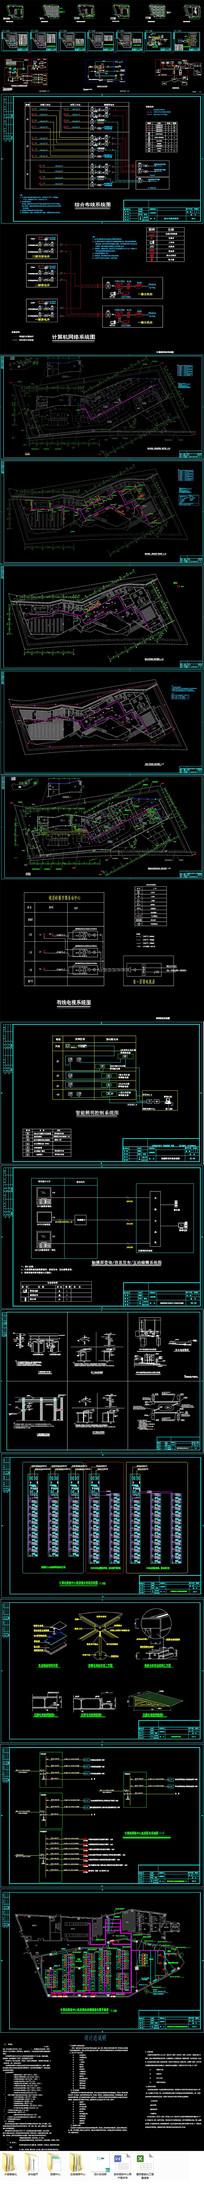 CAD数字服务中心建筑智能化图纸